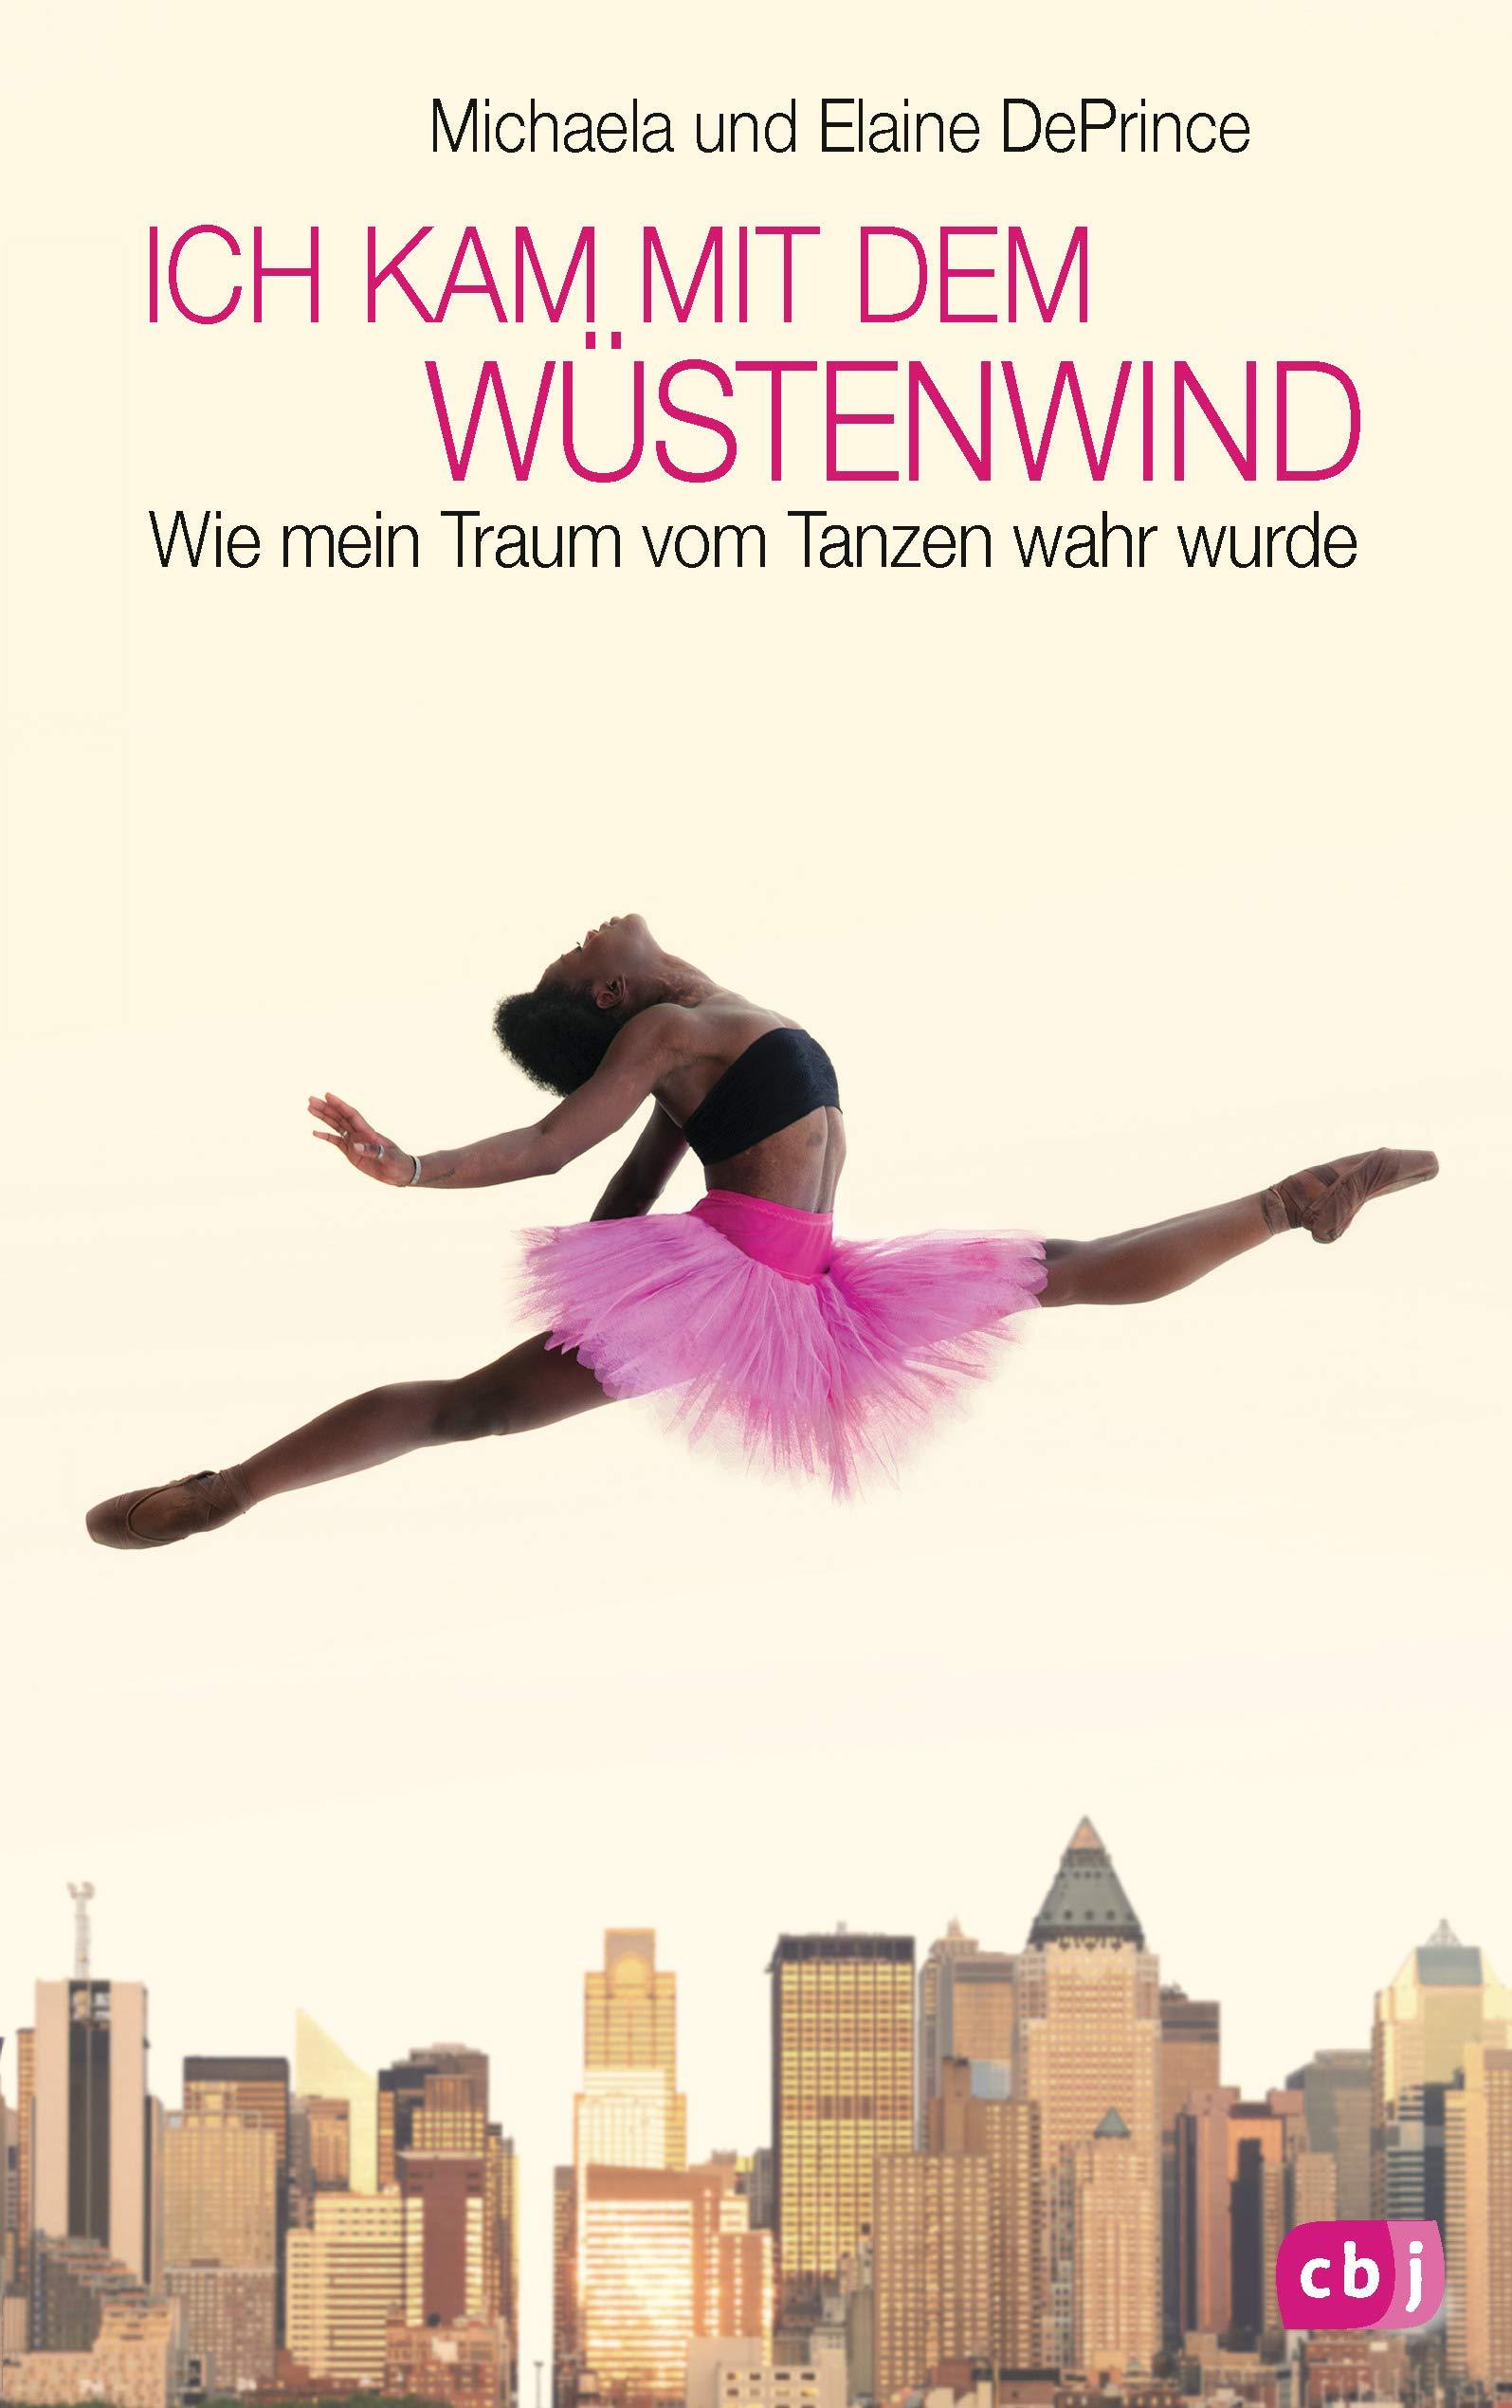 https://juliassammelsurium.blogspot.com/2019/01/kurzmeinungen-jetzt-gehts-zur-sache.html